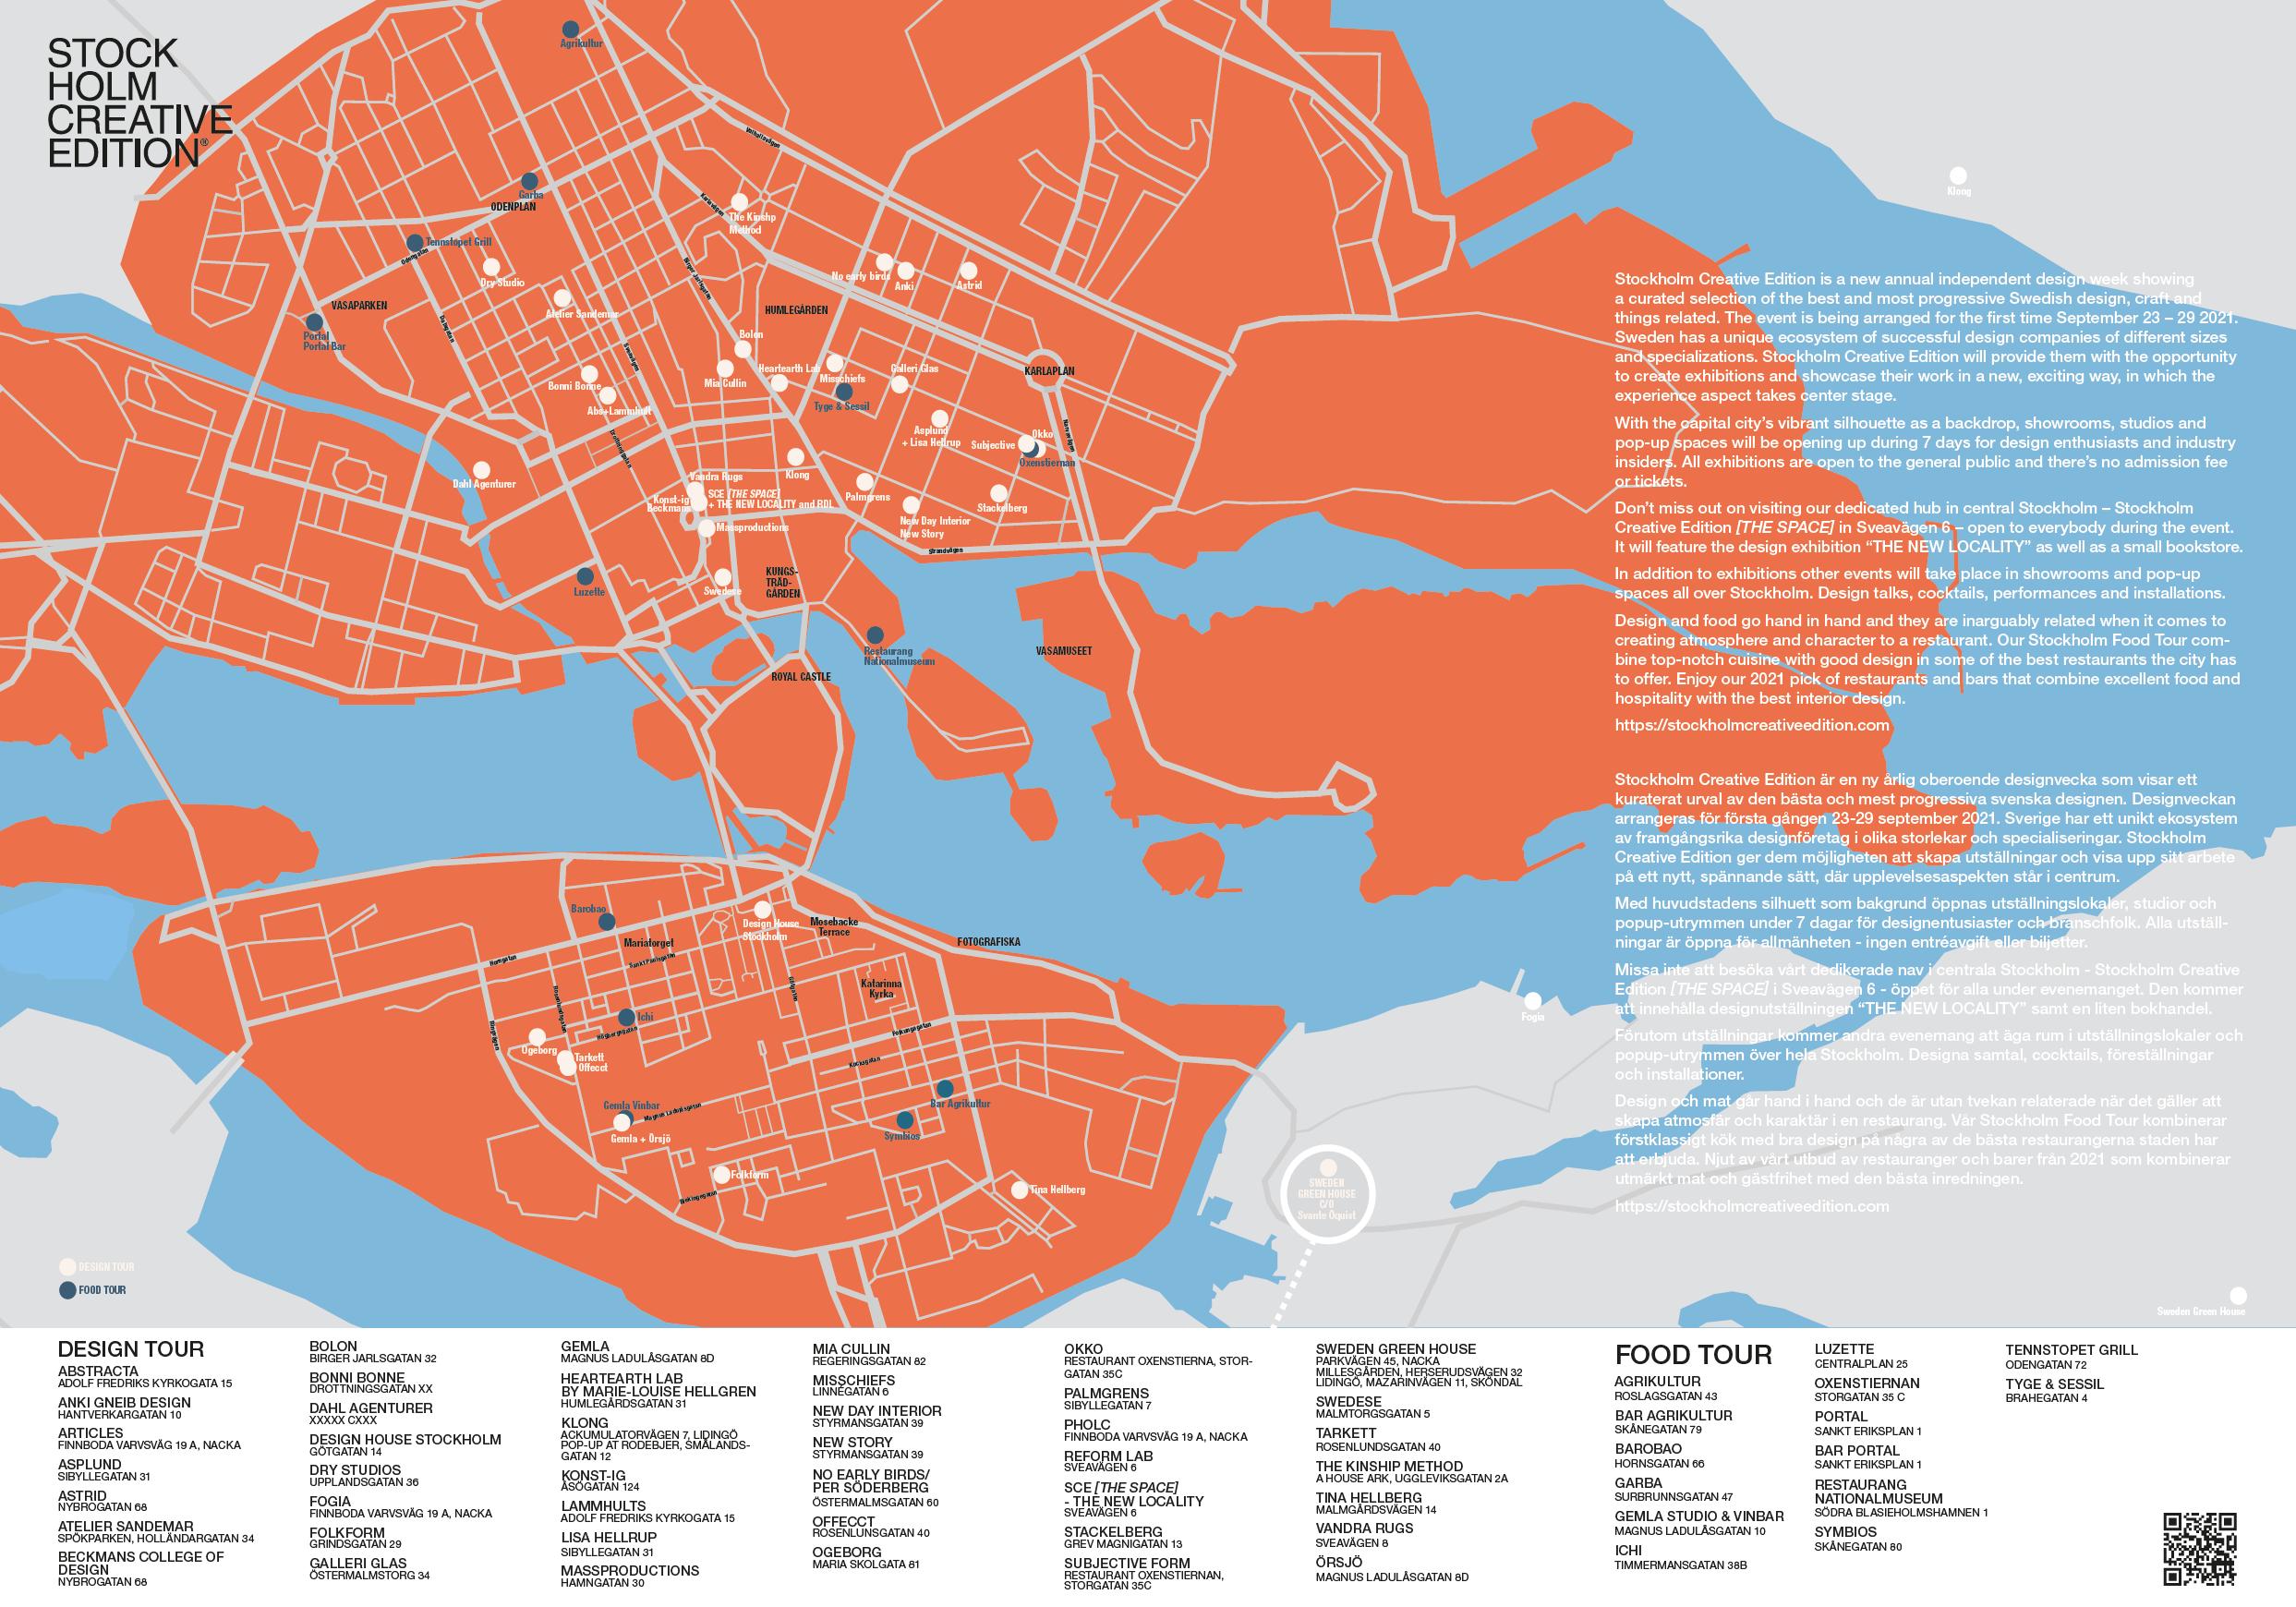 FoodTour Map